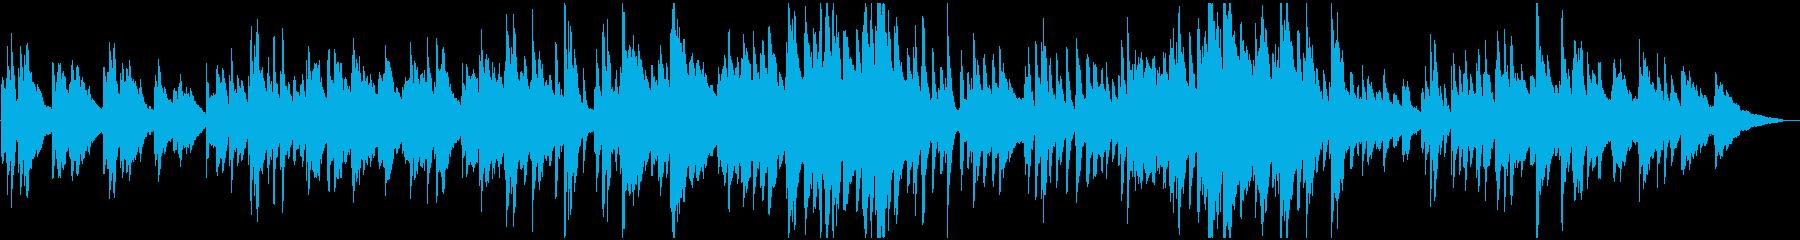 優しい日常 スイング・ジャズ風ピアノソロの再生済みの波形